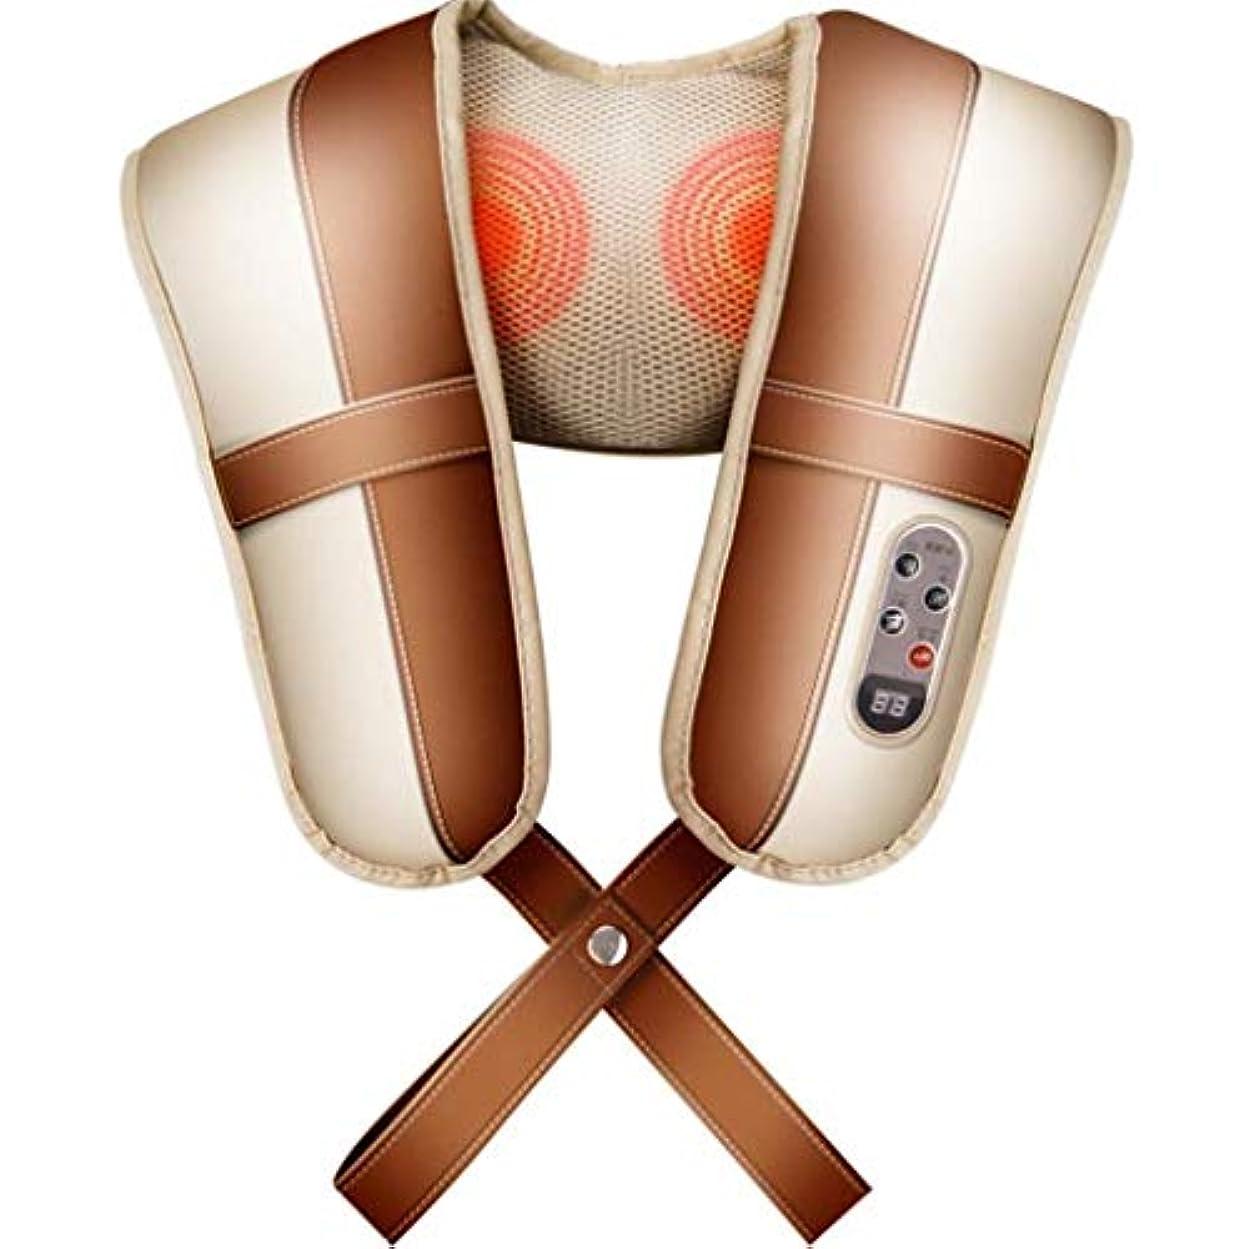 解釈する北柔らかいマッサージ枕、ポータブル電動ネック/バック、肩マッサージャー、加熱混練マッサージ枕、筋弛緩に適した、オフィスカーをリラックス